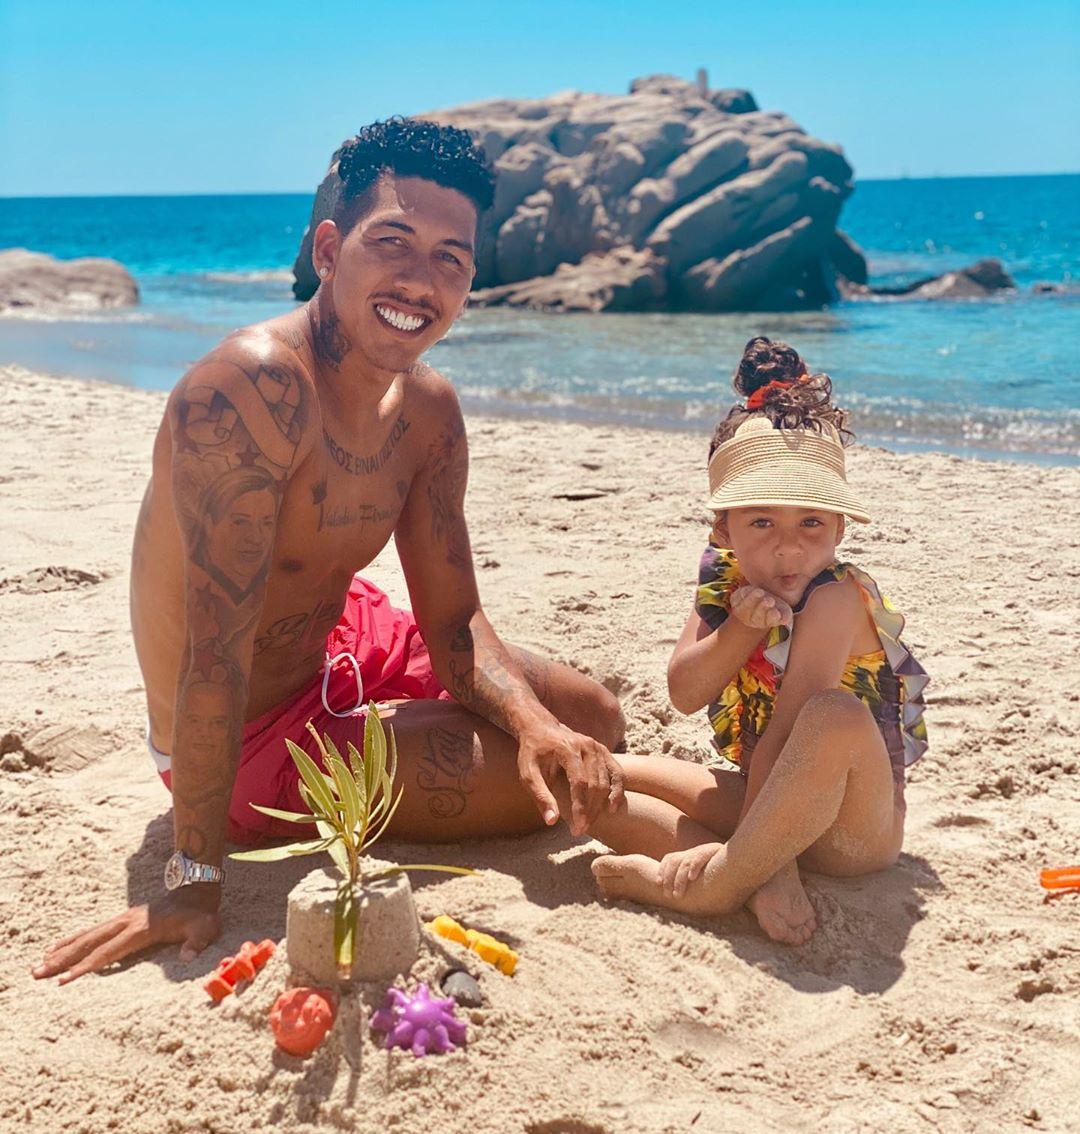 روبرت فيرمينو مهاجم ليفربول مع بناته على شاطىء البحر (4)